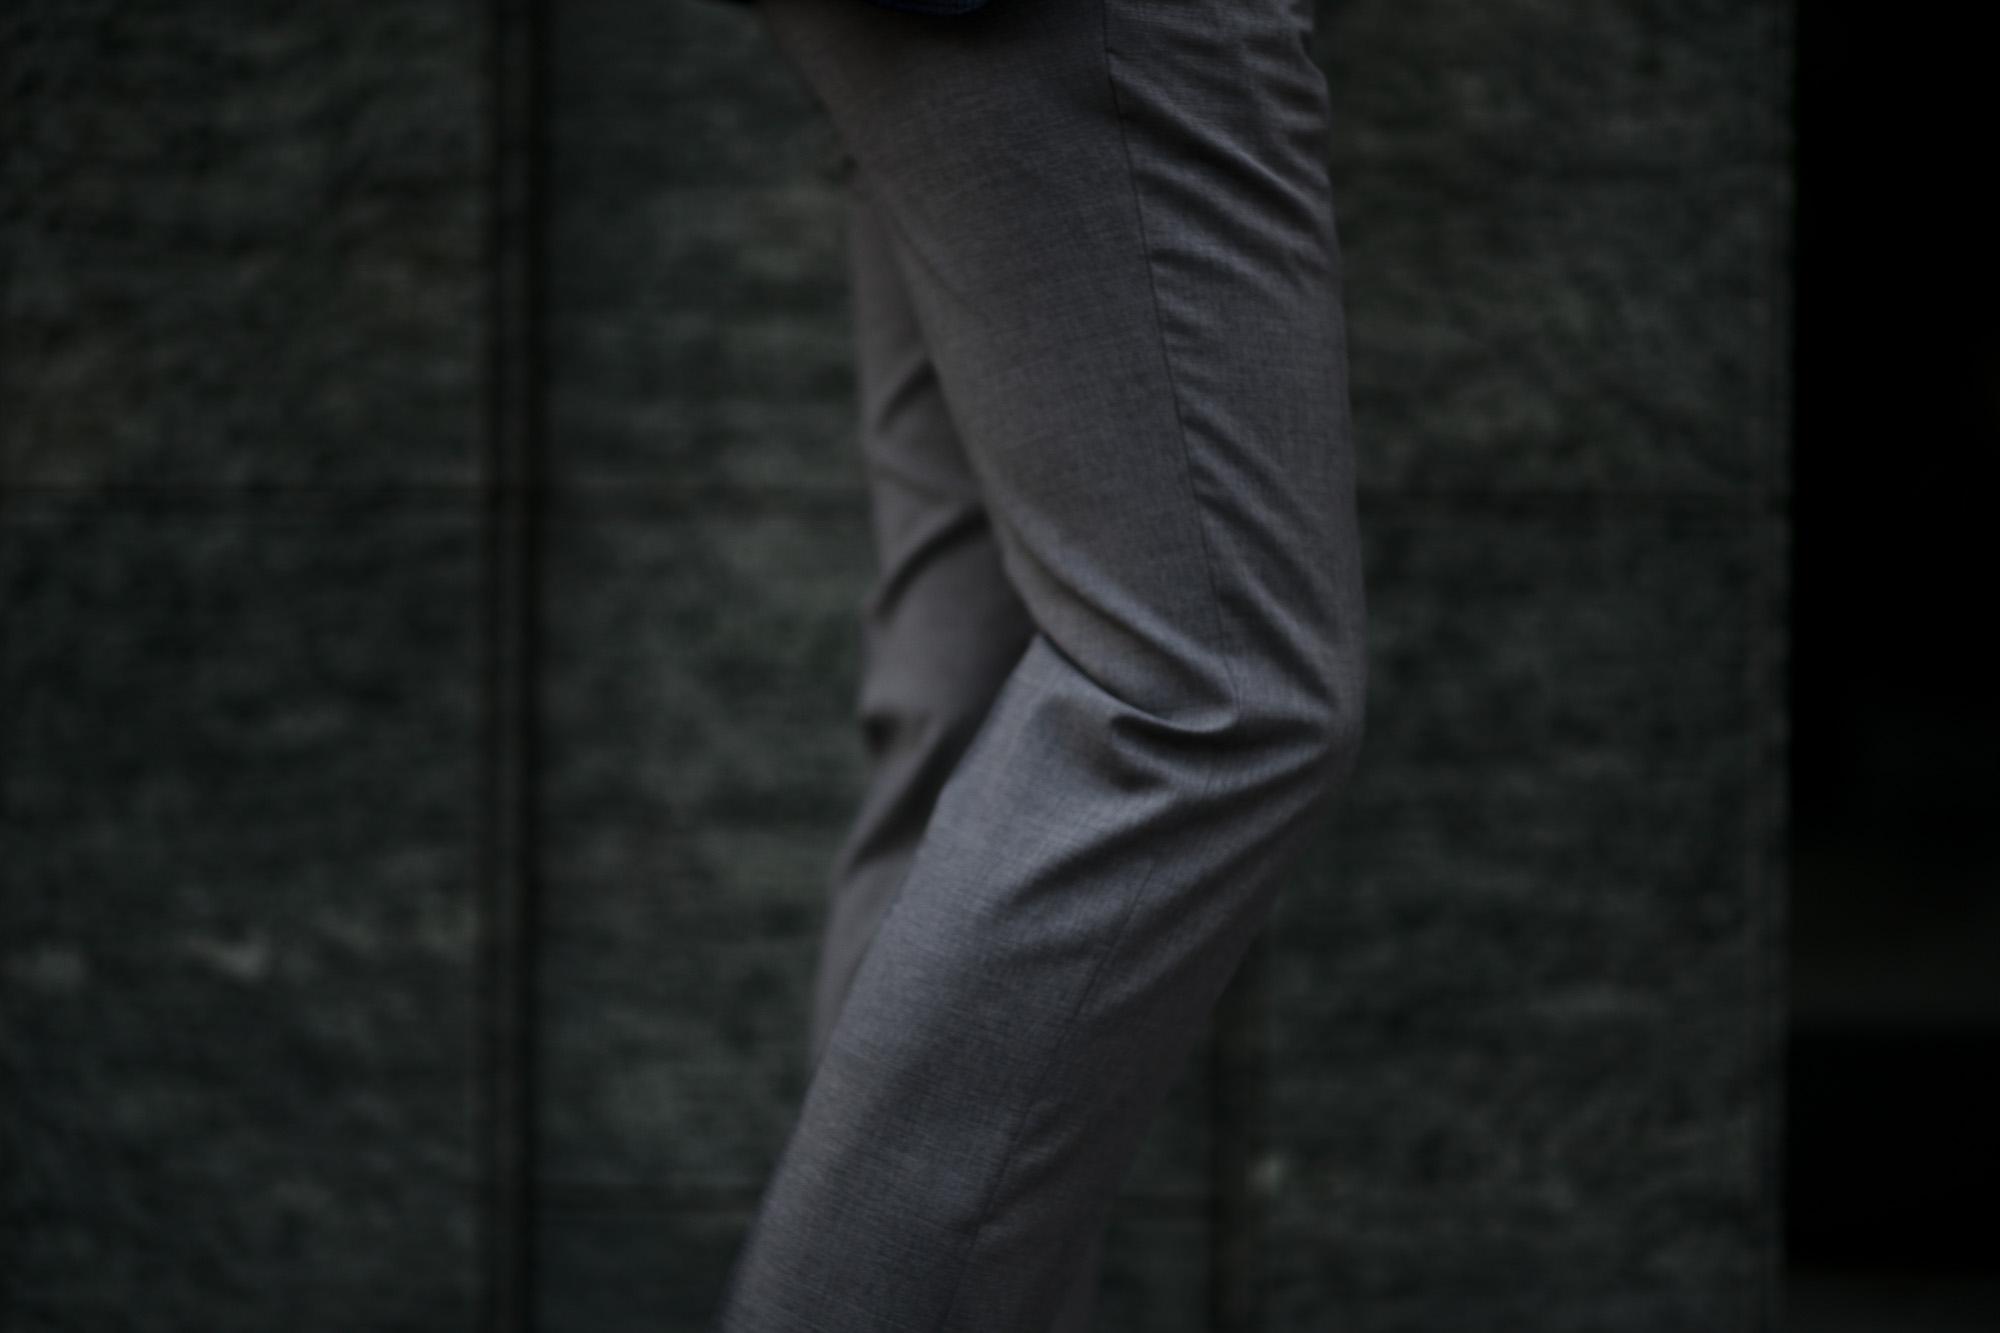 INCOTEX (インコテックス) N35 SLIM FIT (1NT035) SUPER 100'S YARN DYED TROPICAL トロピカルウール サマーウール スラックス GRAY (グレー・910) 2020 春夏新作 愛知 名古屋 altoediritto アルトエデリット グレスラ スラックス コーディネート